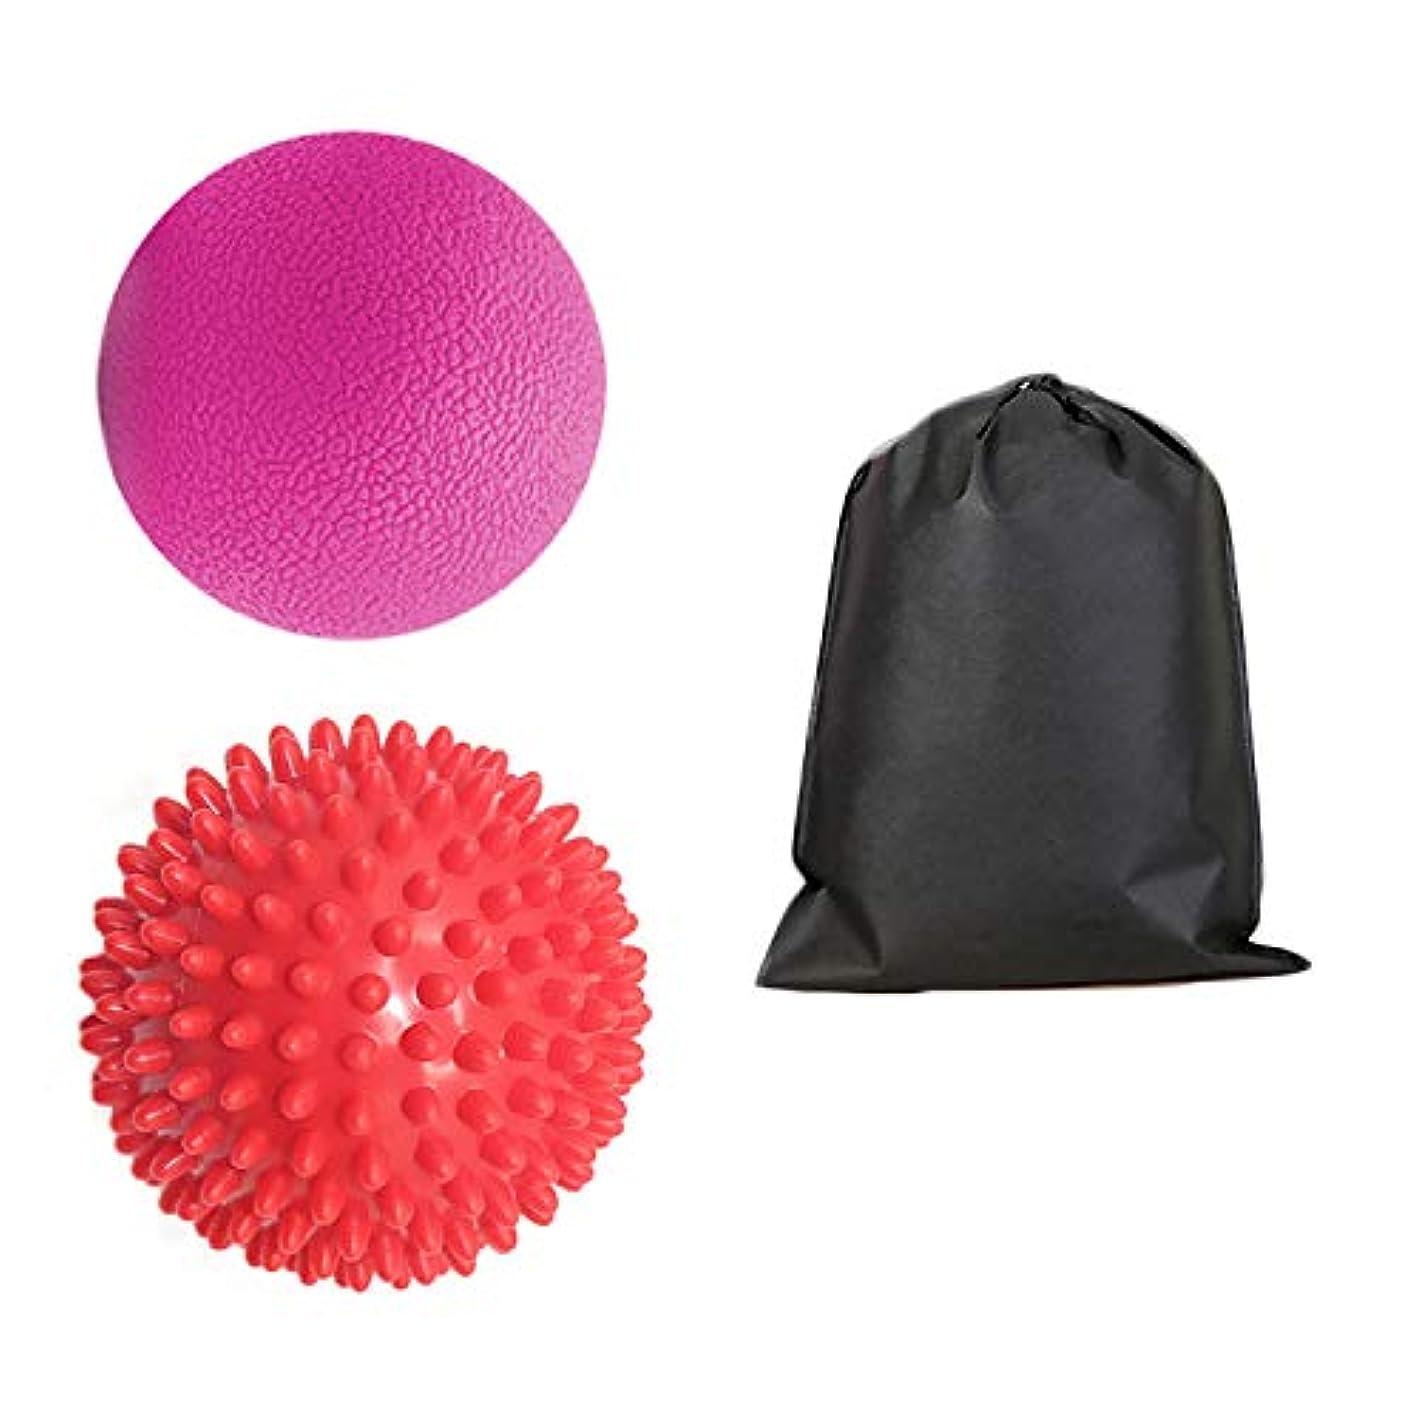 試験助けになる週末Migavan 1個マッサージボールマッサージボールローラーマッサージボール+ 1袋スパイクマッサージローラーボールマッサージと収納バッグ